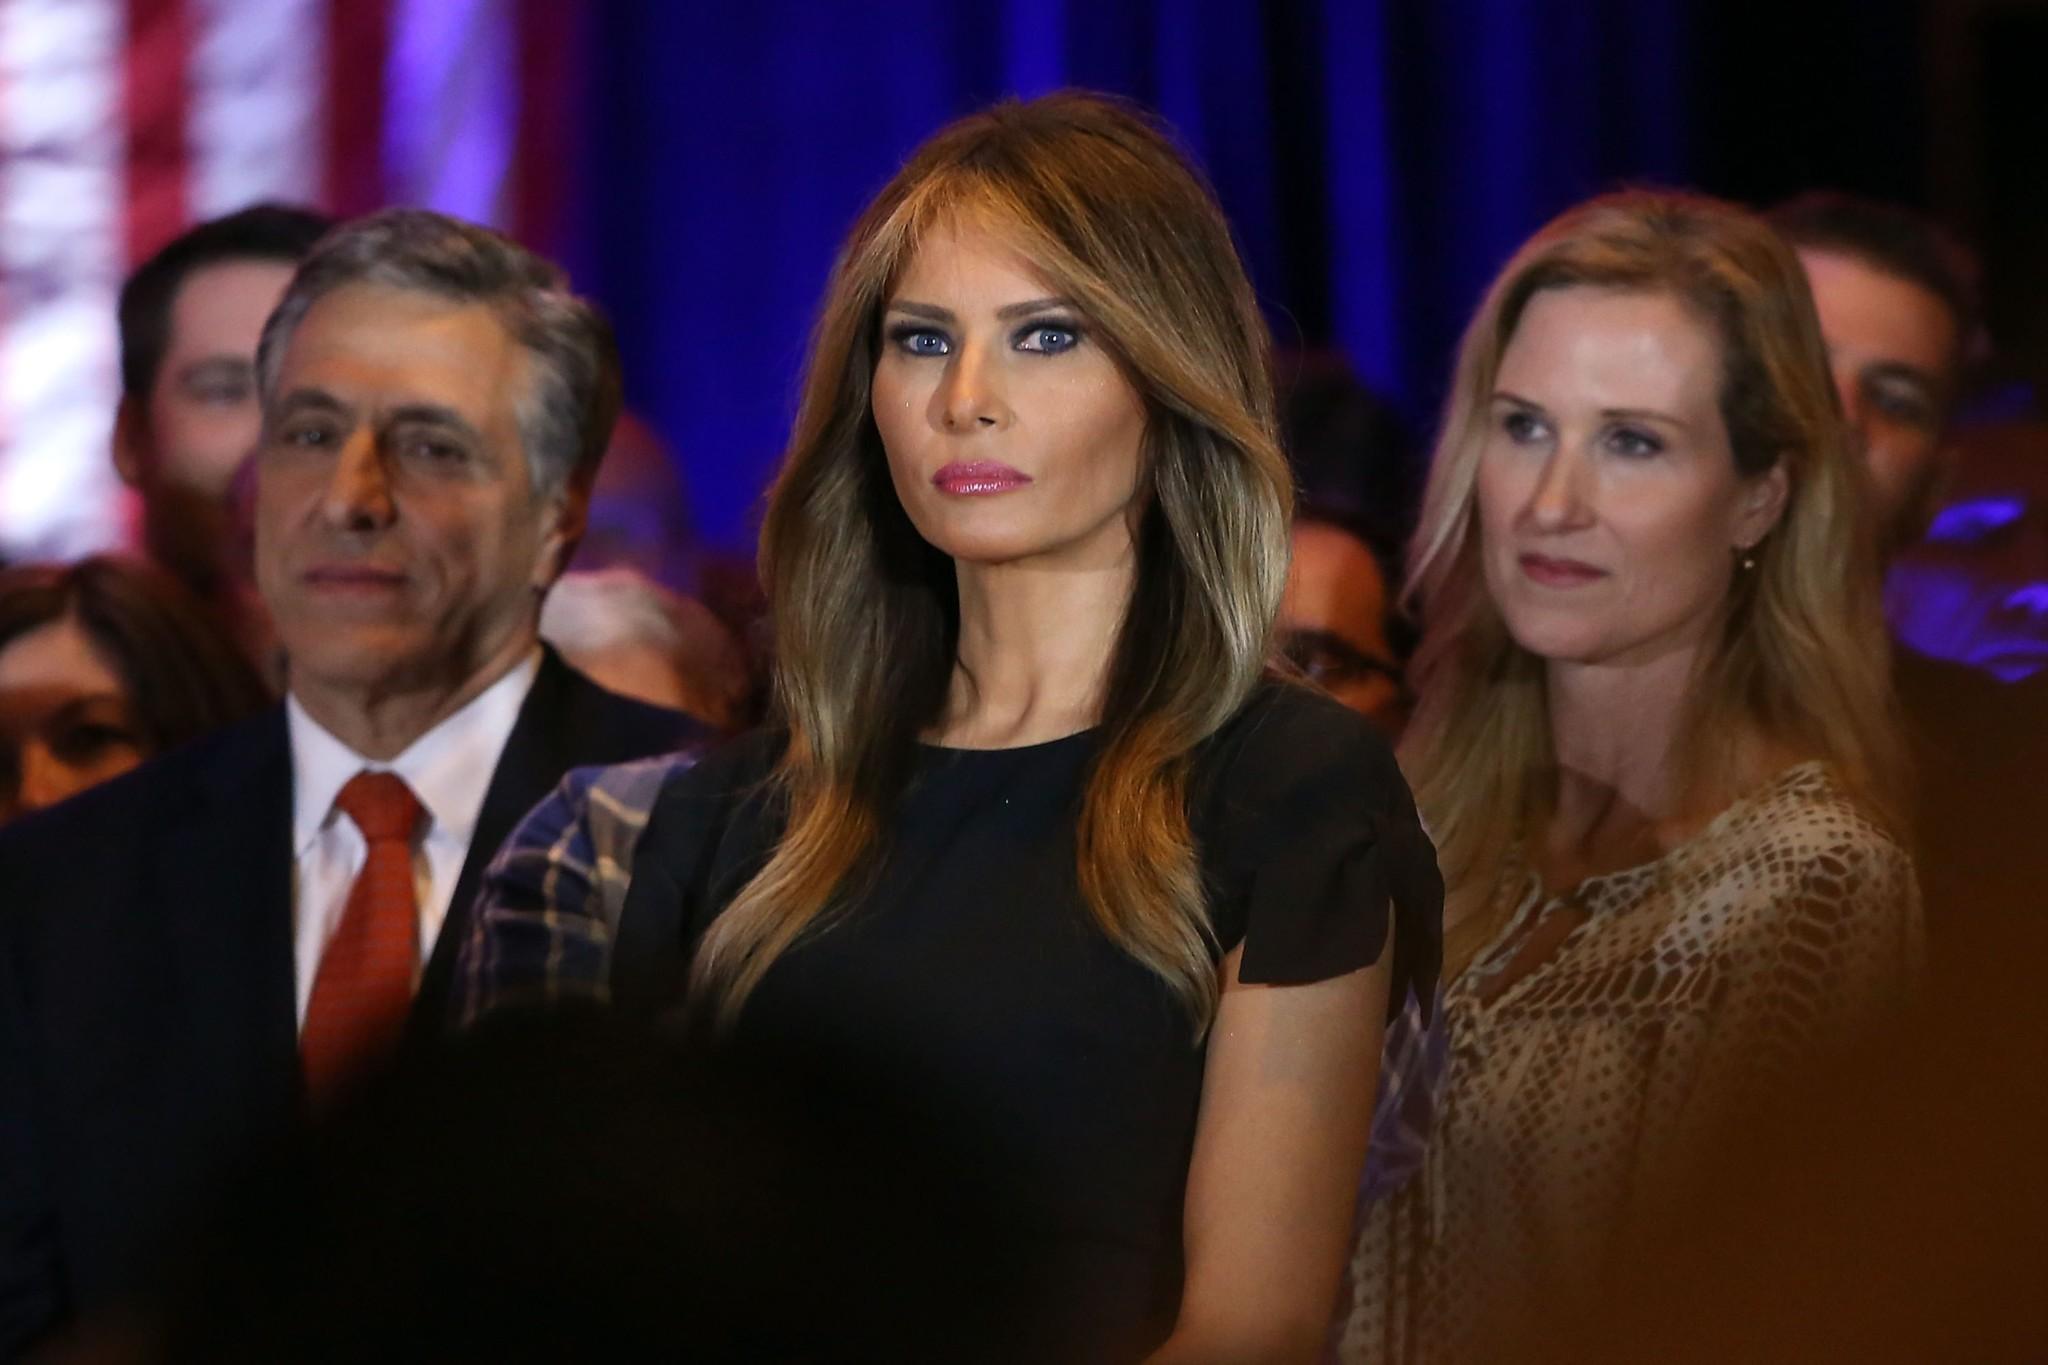 Melania Trump Wikipedia >> Chi è Melania Trump, nuova aspirante First Lady repubblicana - Spindle